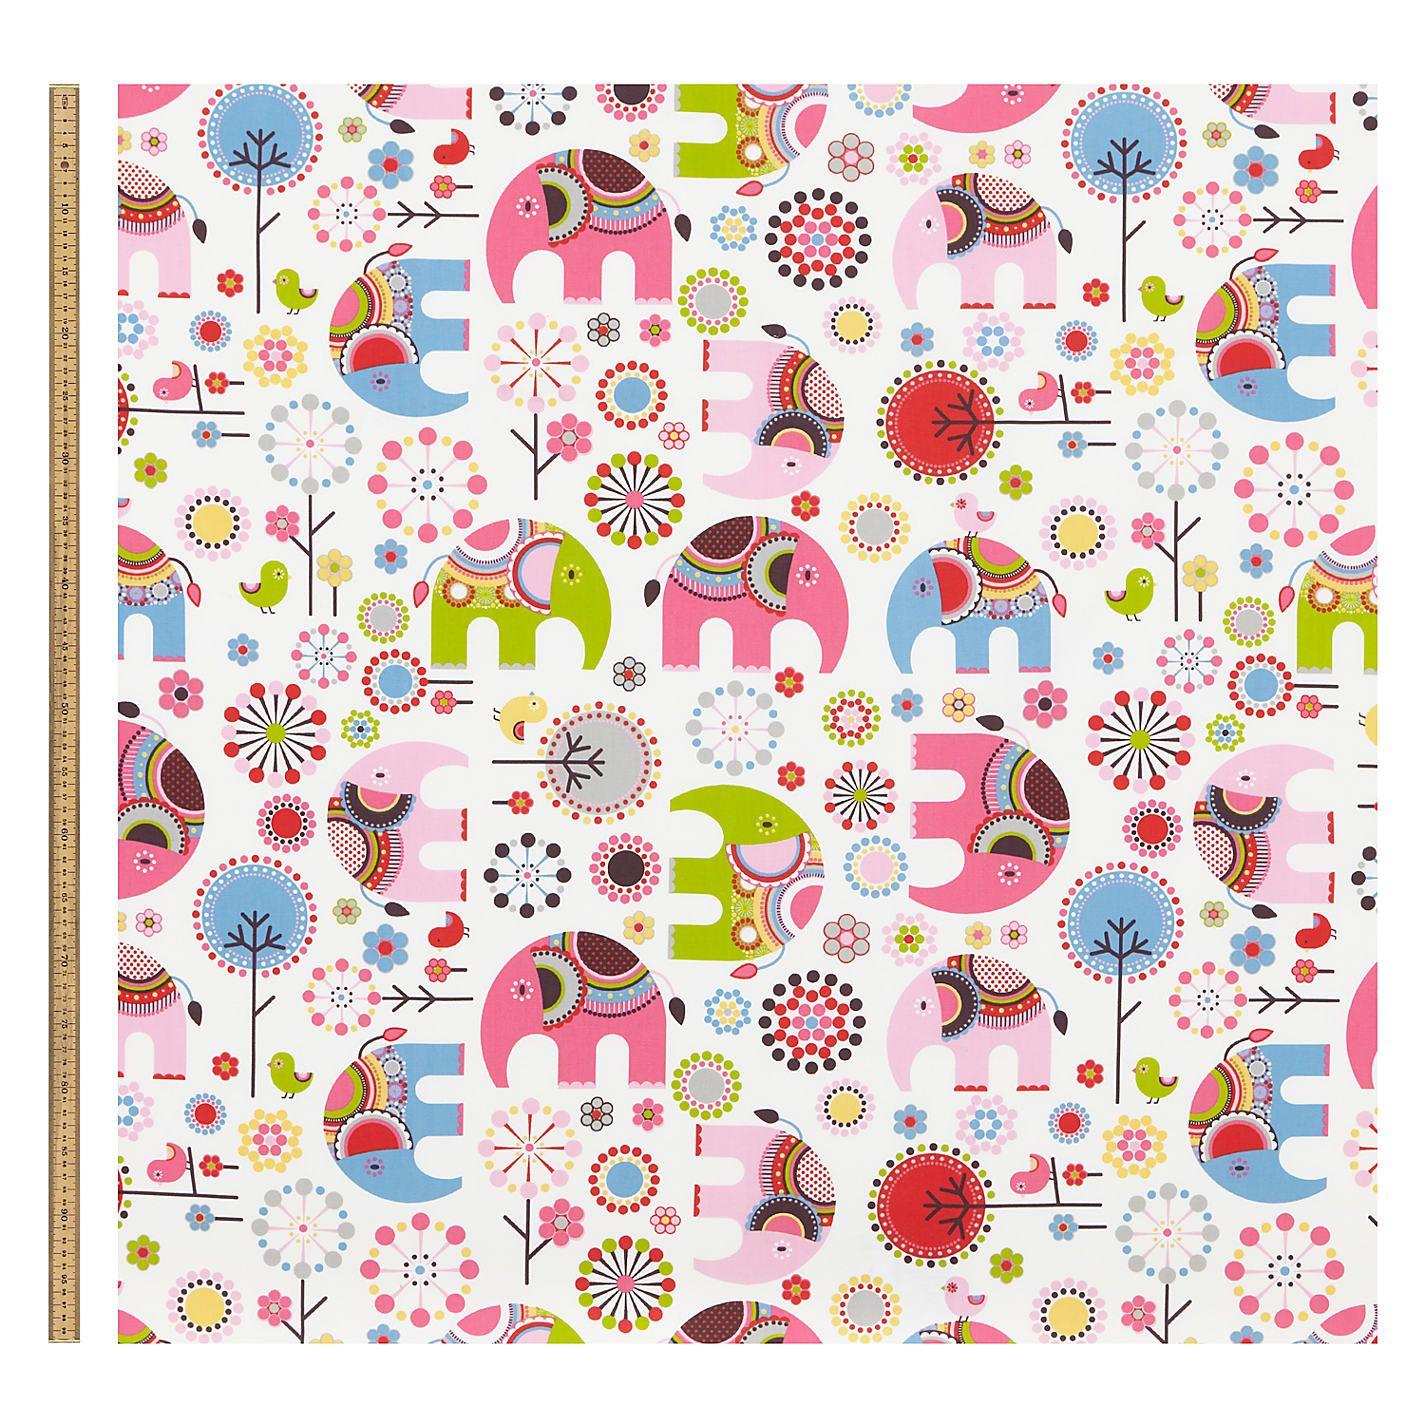 Patterned dress fabric google search fabricmats ideas